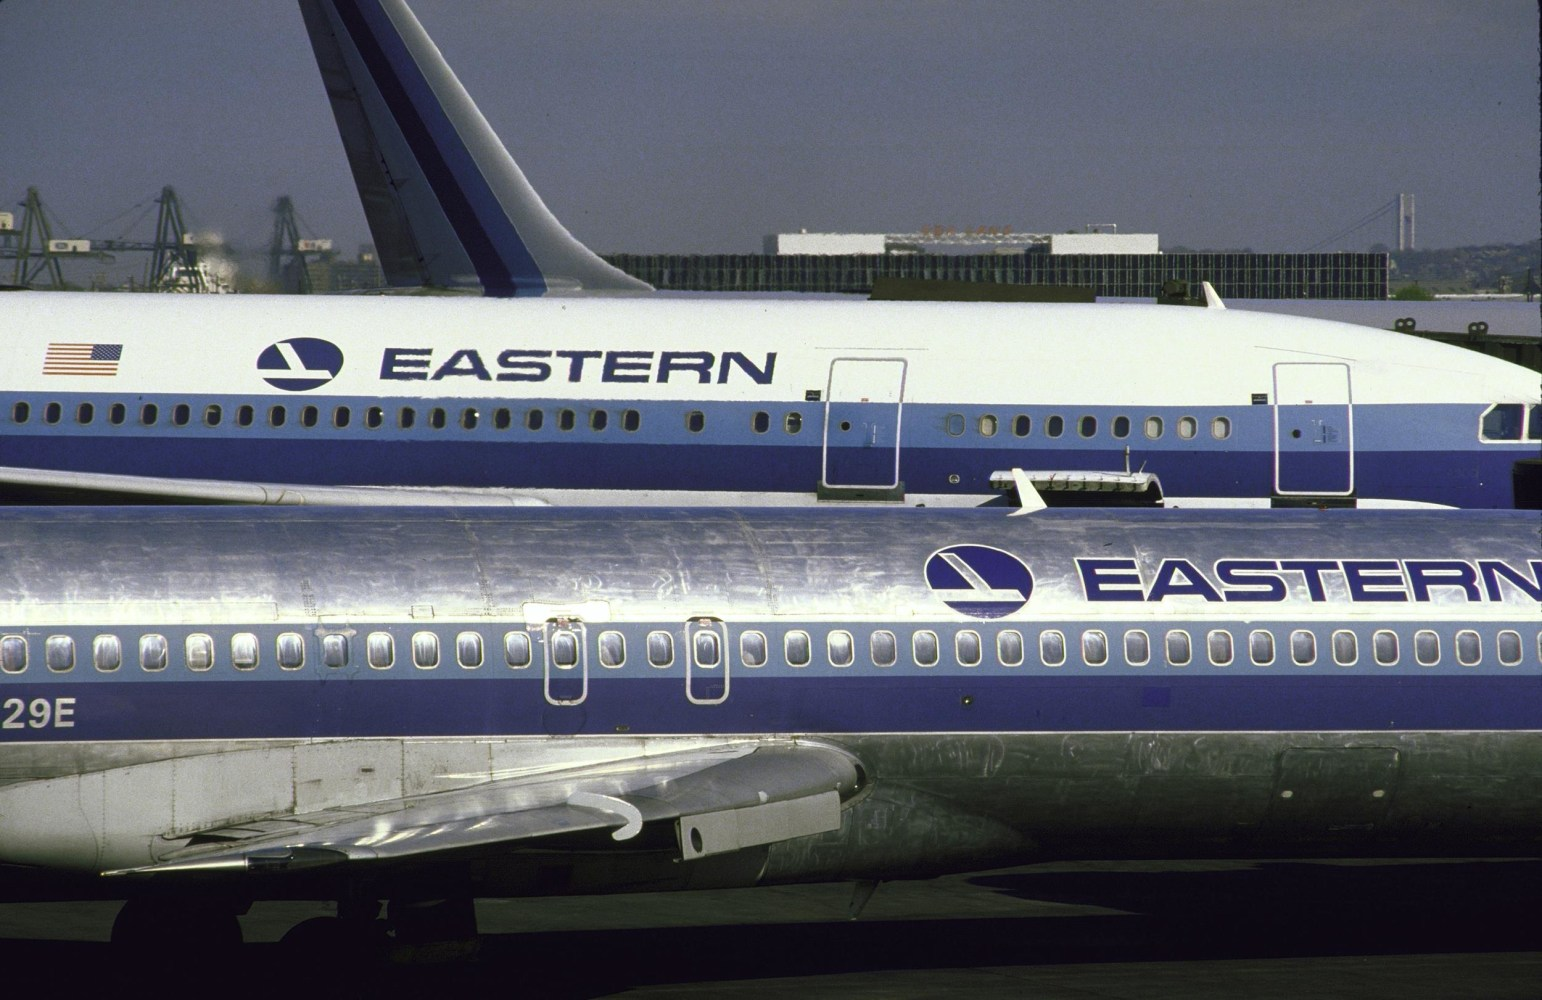 http://media4.s-nbcnews.com/j/newscms/2014_16/328191/140416-eastern-airlines-mn-1500_86cbf143614842085a266acc8d1c5838.nbcnews-ux-2880-1000.jpg